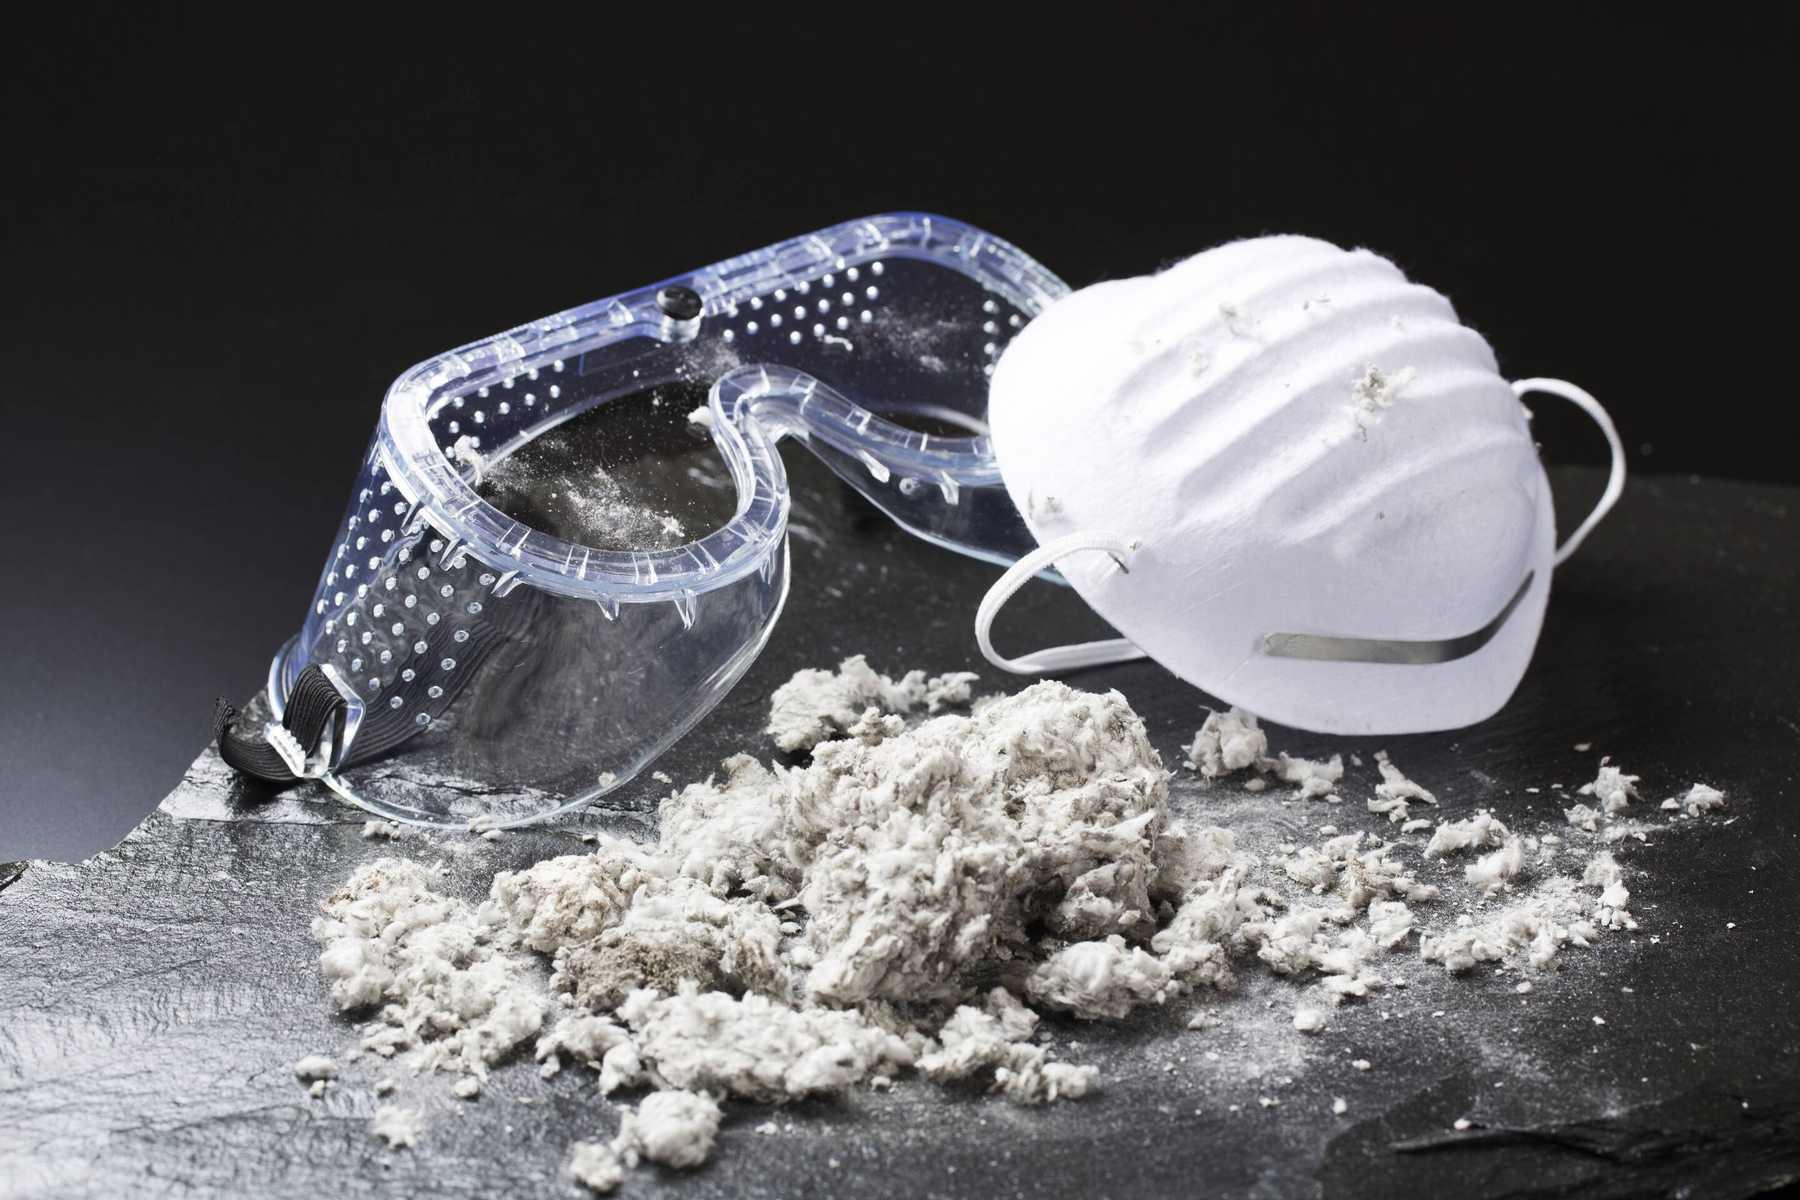 sử dụng thuốc tẩy giặt sạch nấm mốc và diệt khuẩn